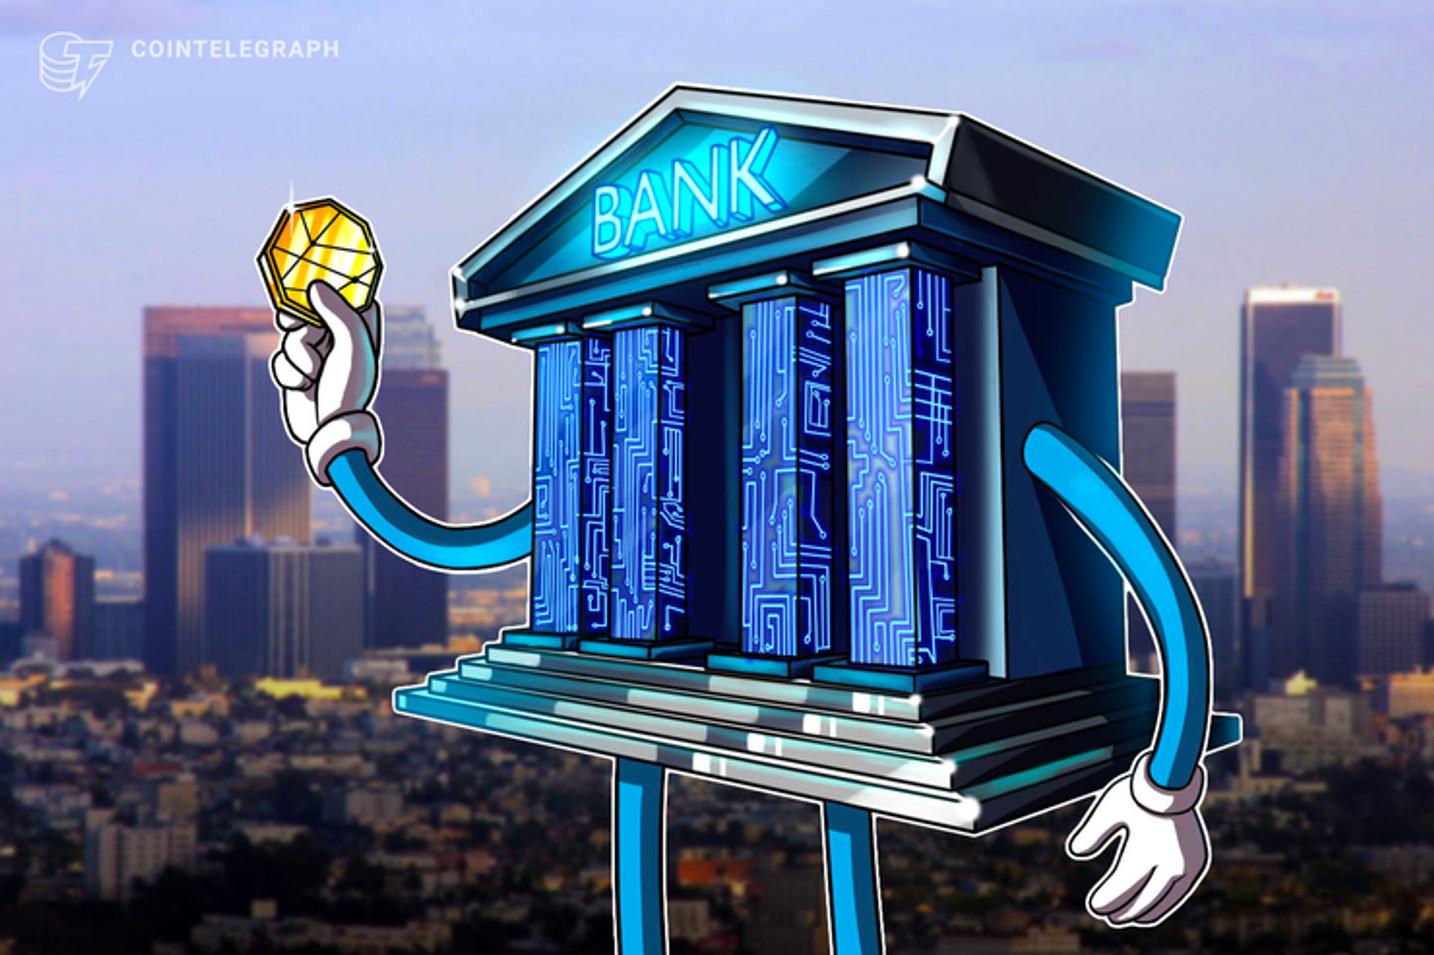 Gobernador del Banco de España dijo que las stablecoins pueden reducir fuentes de ingresos de las entidades bancarias